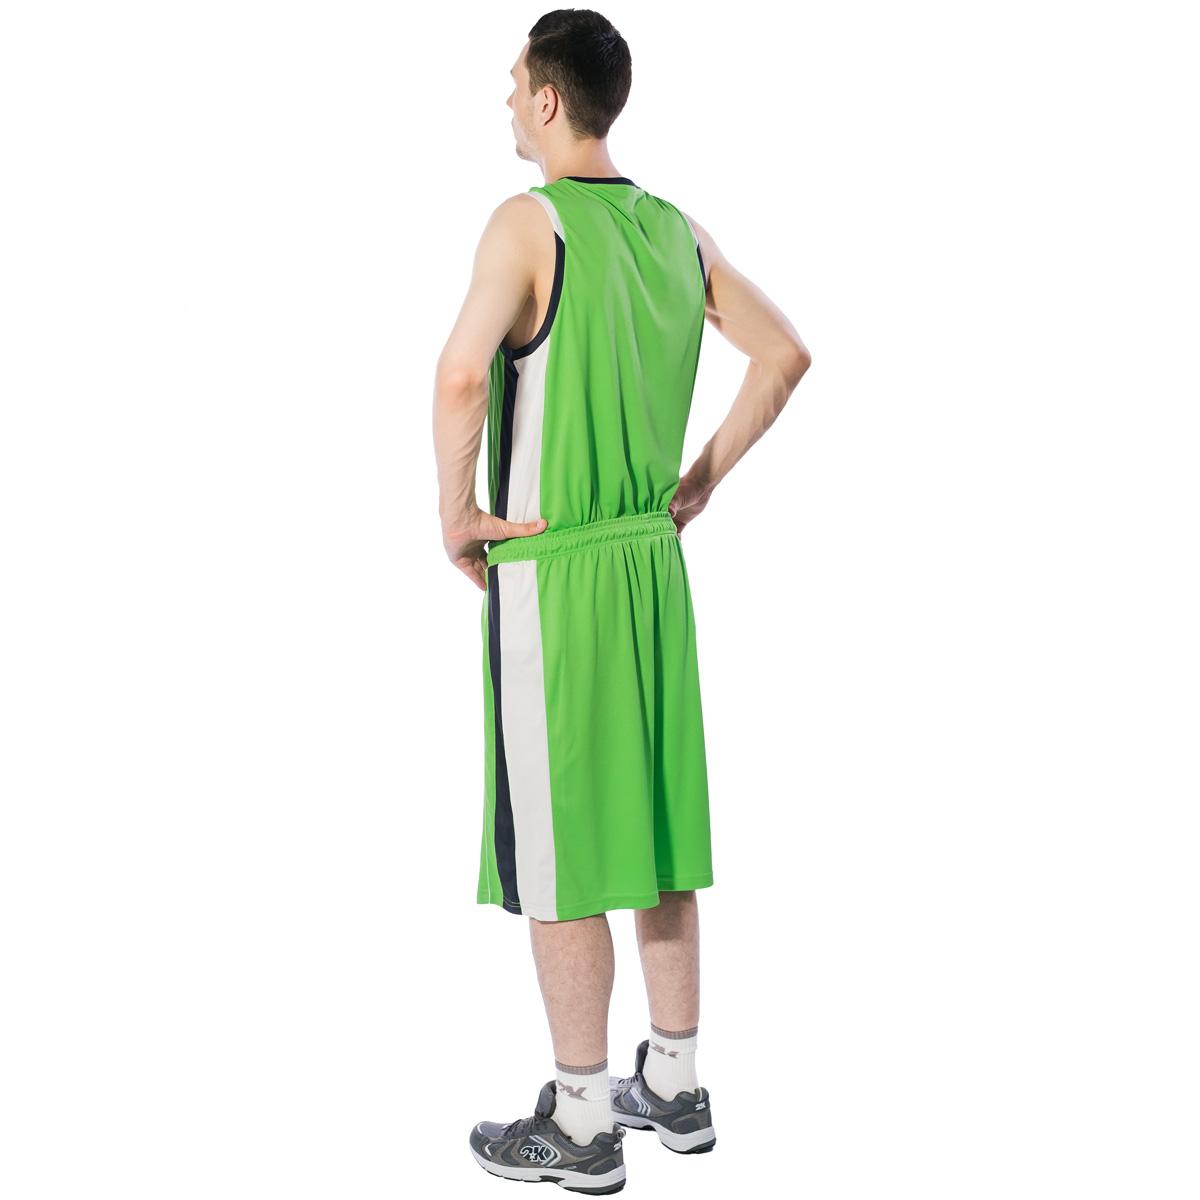 Профессиональные баскетбольные шорты 2K Sport Advance созданы для того, чтобы вам ничего не мешало демонстрировать великолепную игру на паркете против самых грозных соперников. Особая сетчатая структура ткани позволяет сделать шорты практически невесомыми, сохраняя при этом прочность и эластичность. Эластичный пояс с регулируемым внутренним шнурком для комфортабельной посадки. Шорты выполнены в свободном крое с кантом чуть выше колена.